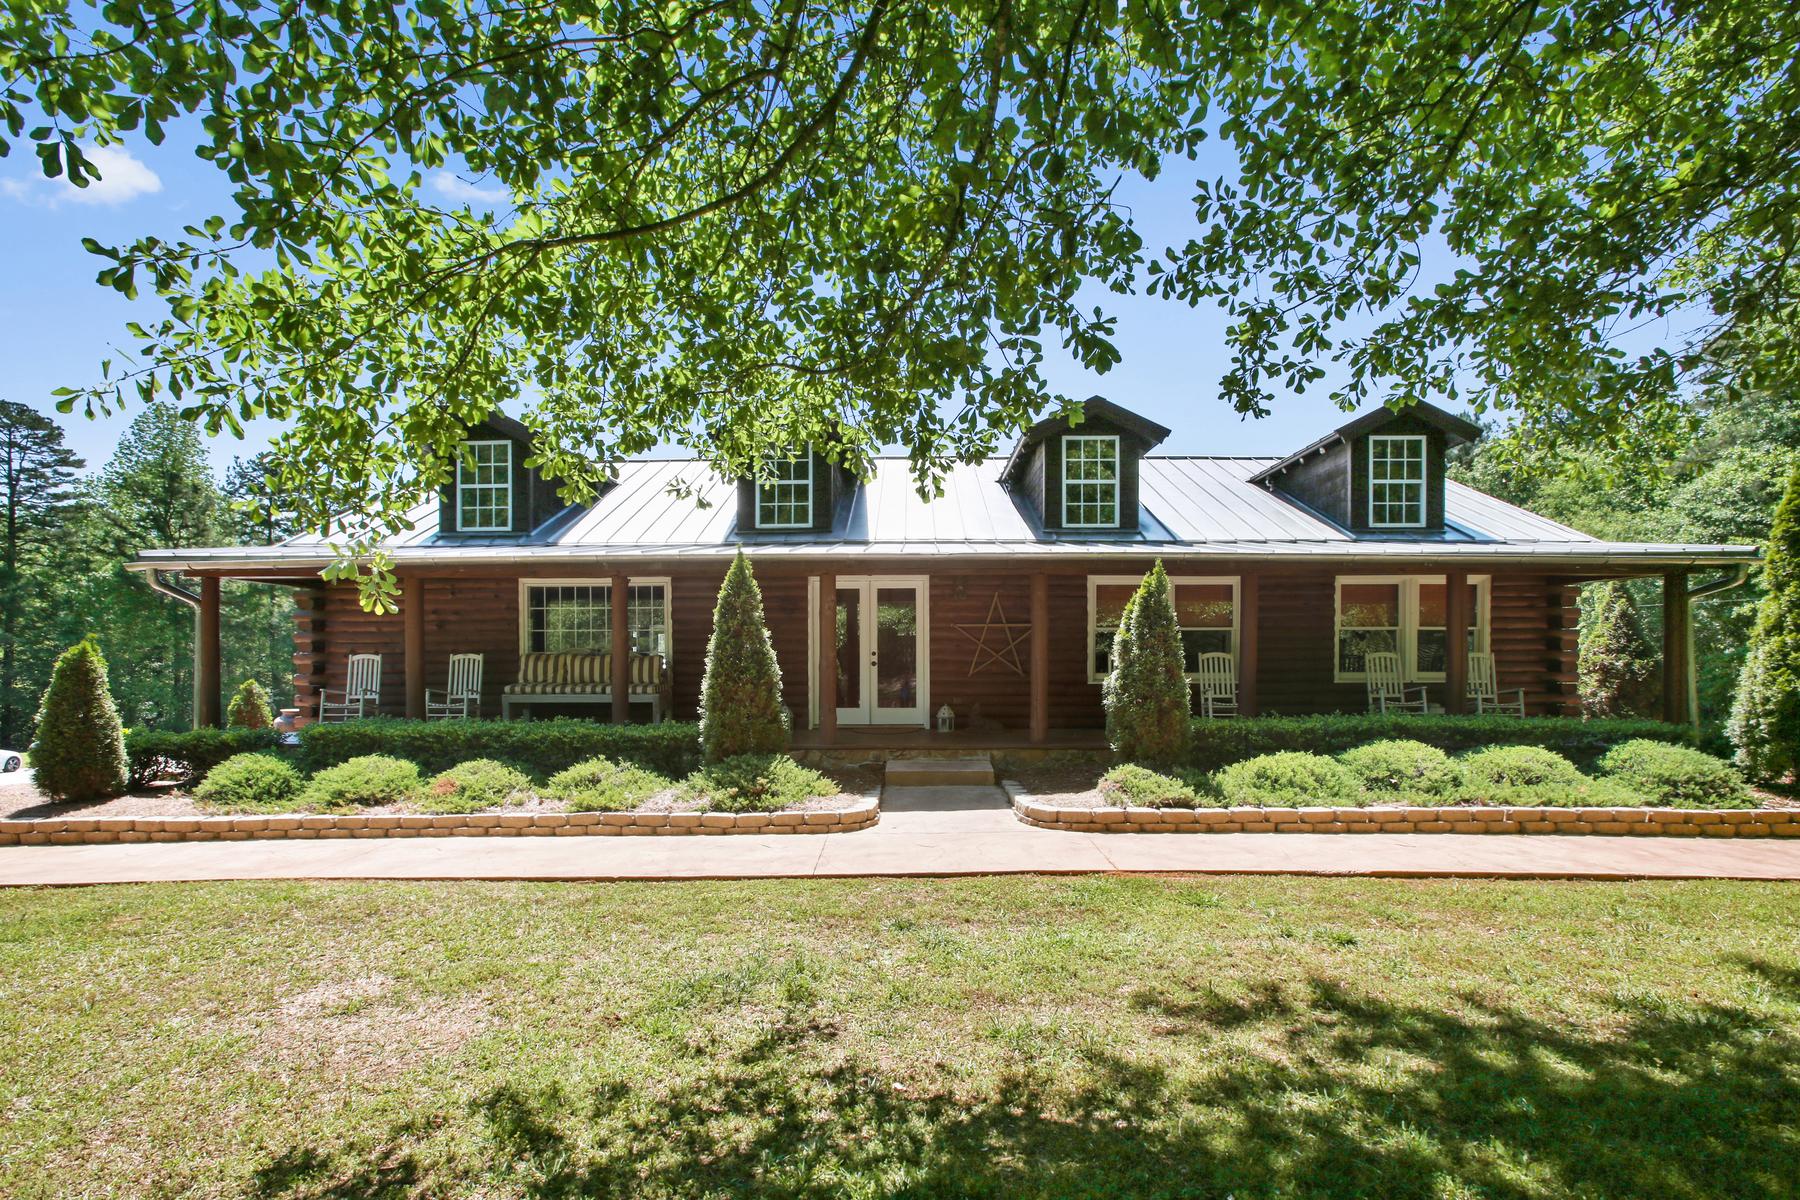 Частный односемейный дом для того Продажа на Stunning Equestrian Property With Income Potential 12000 Hutcheson Ferry Road Palmetto, Джорджия 30268 Соединенные Штаты